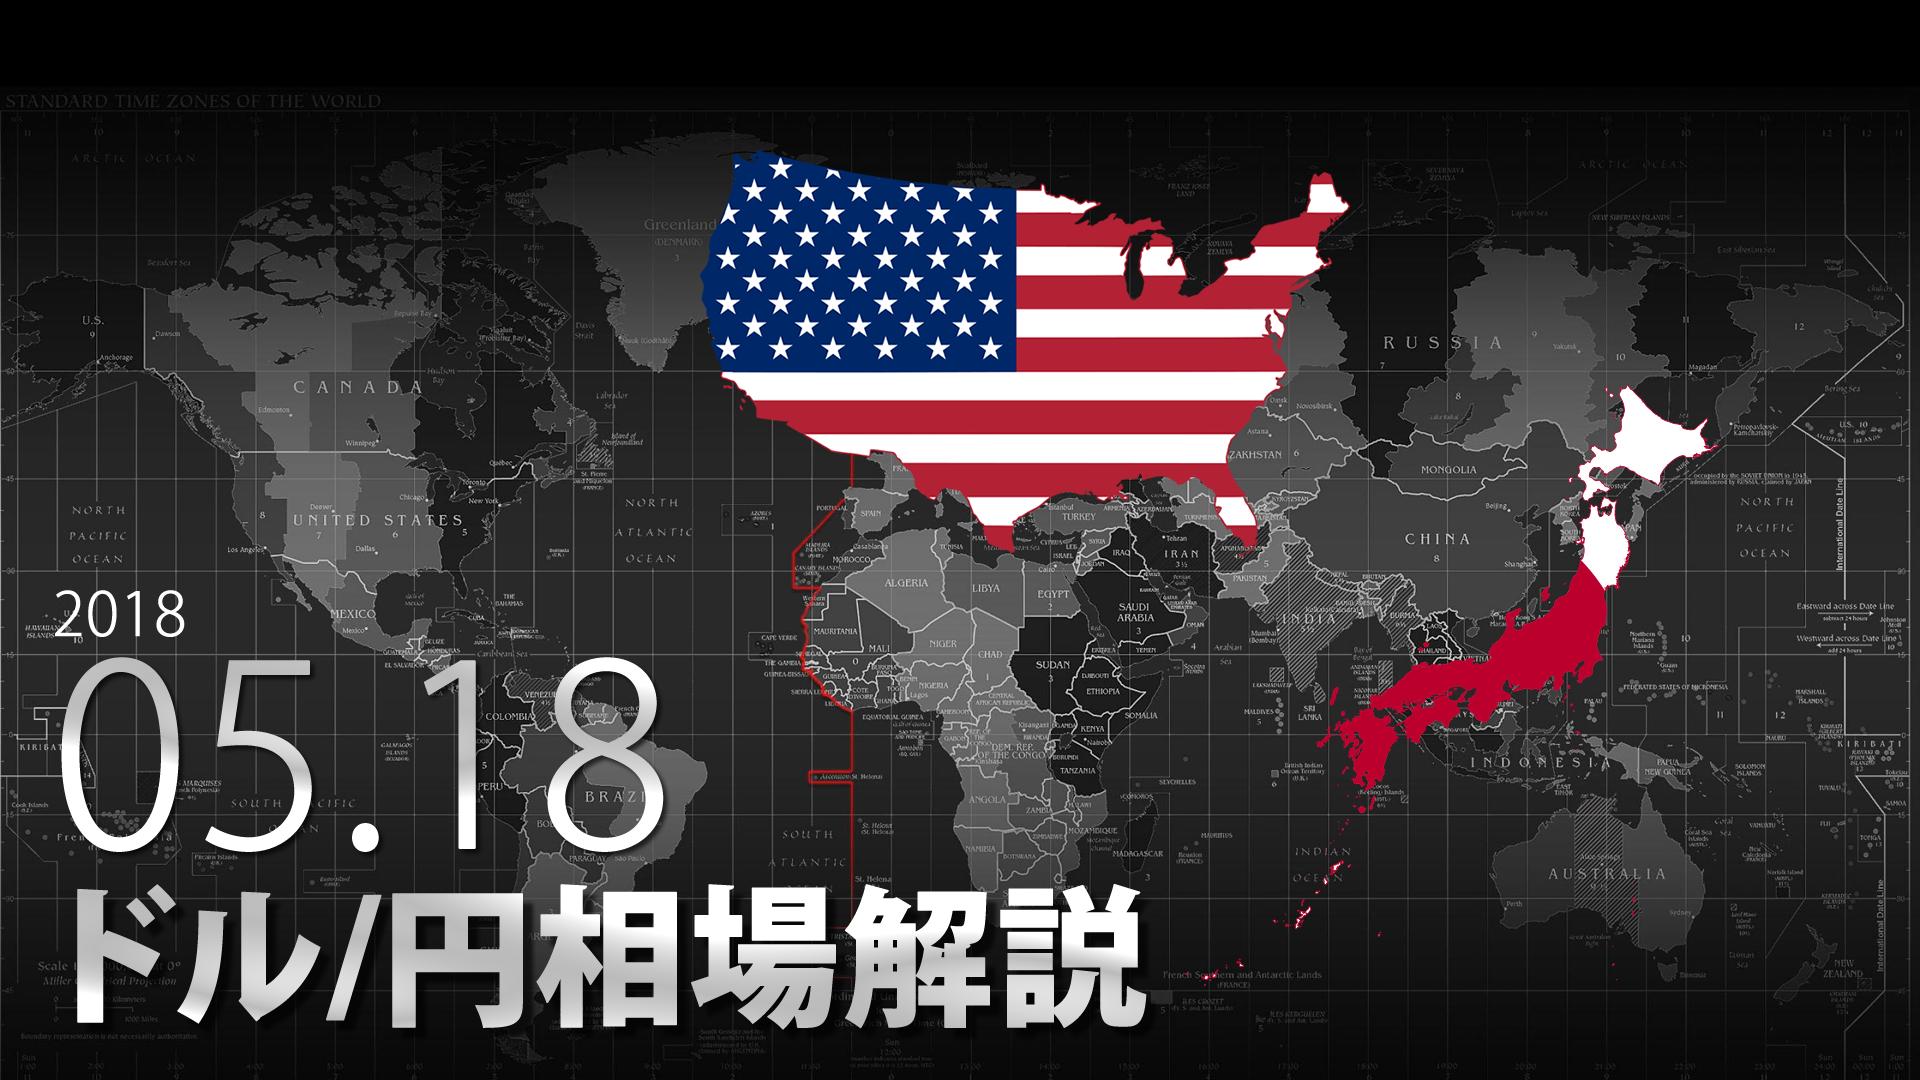 米中貿易戦争懸念一旦後退でリスクオンとなるか?